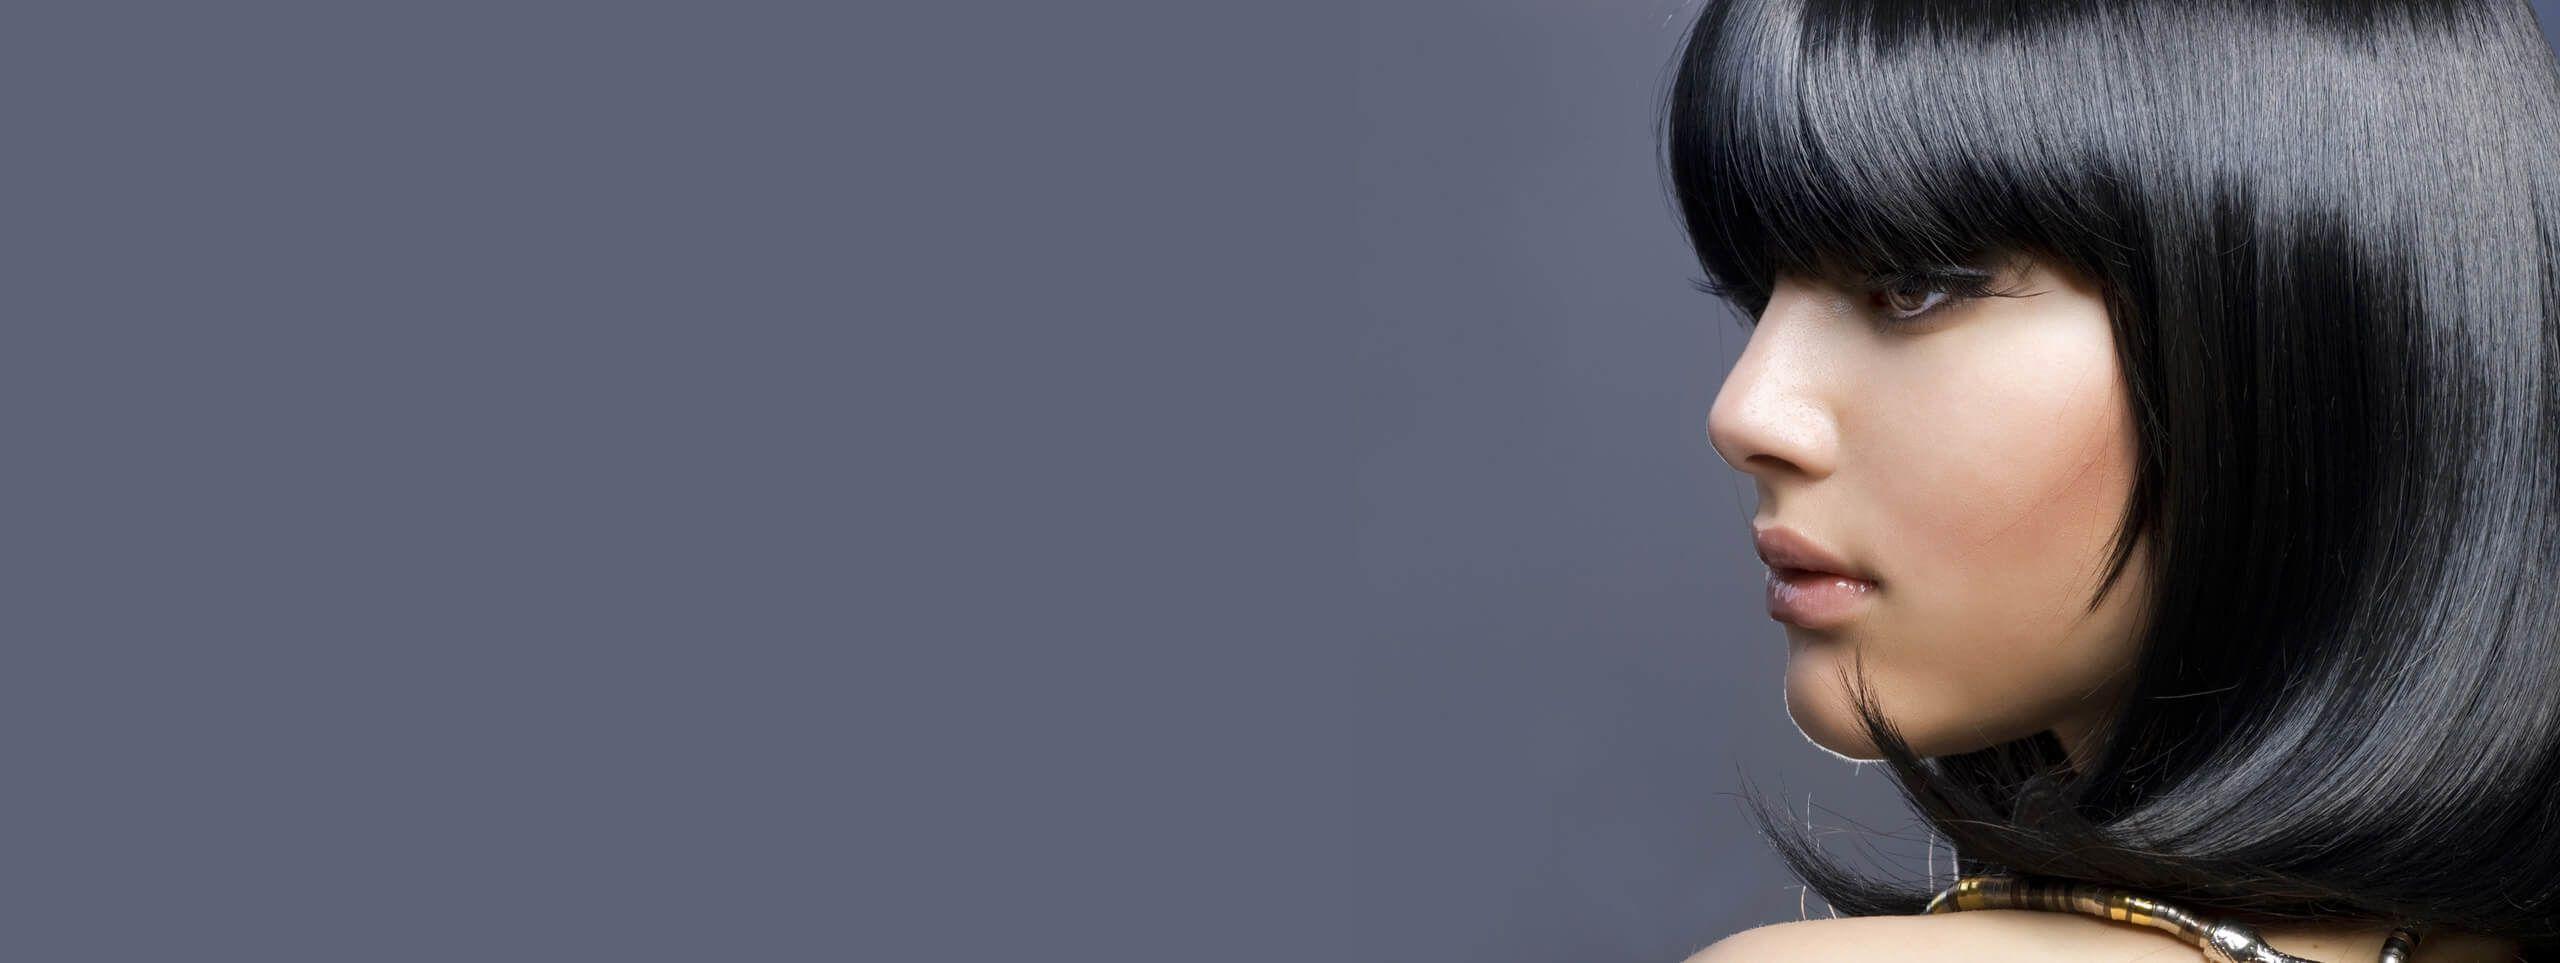 Kobieta z czarnymi krótkimi włosami